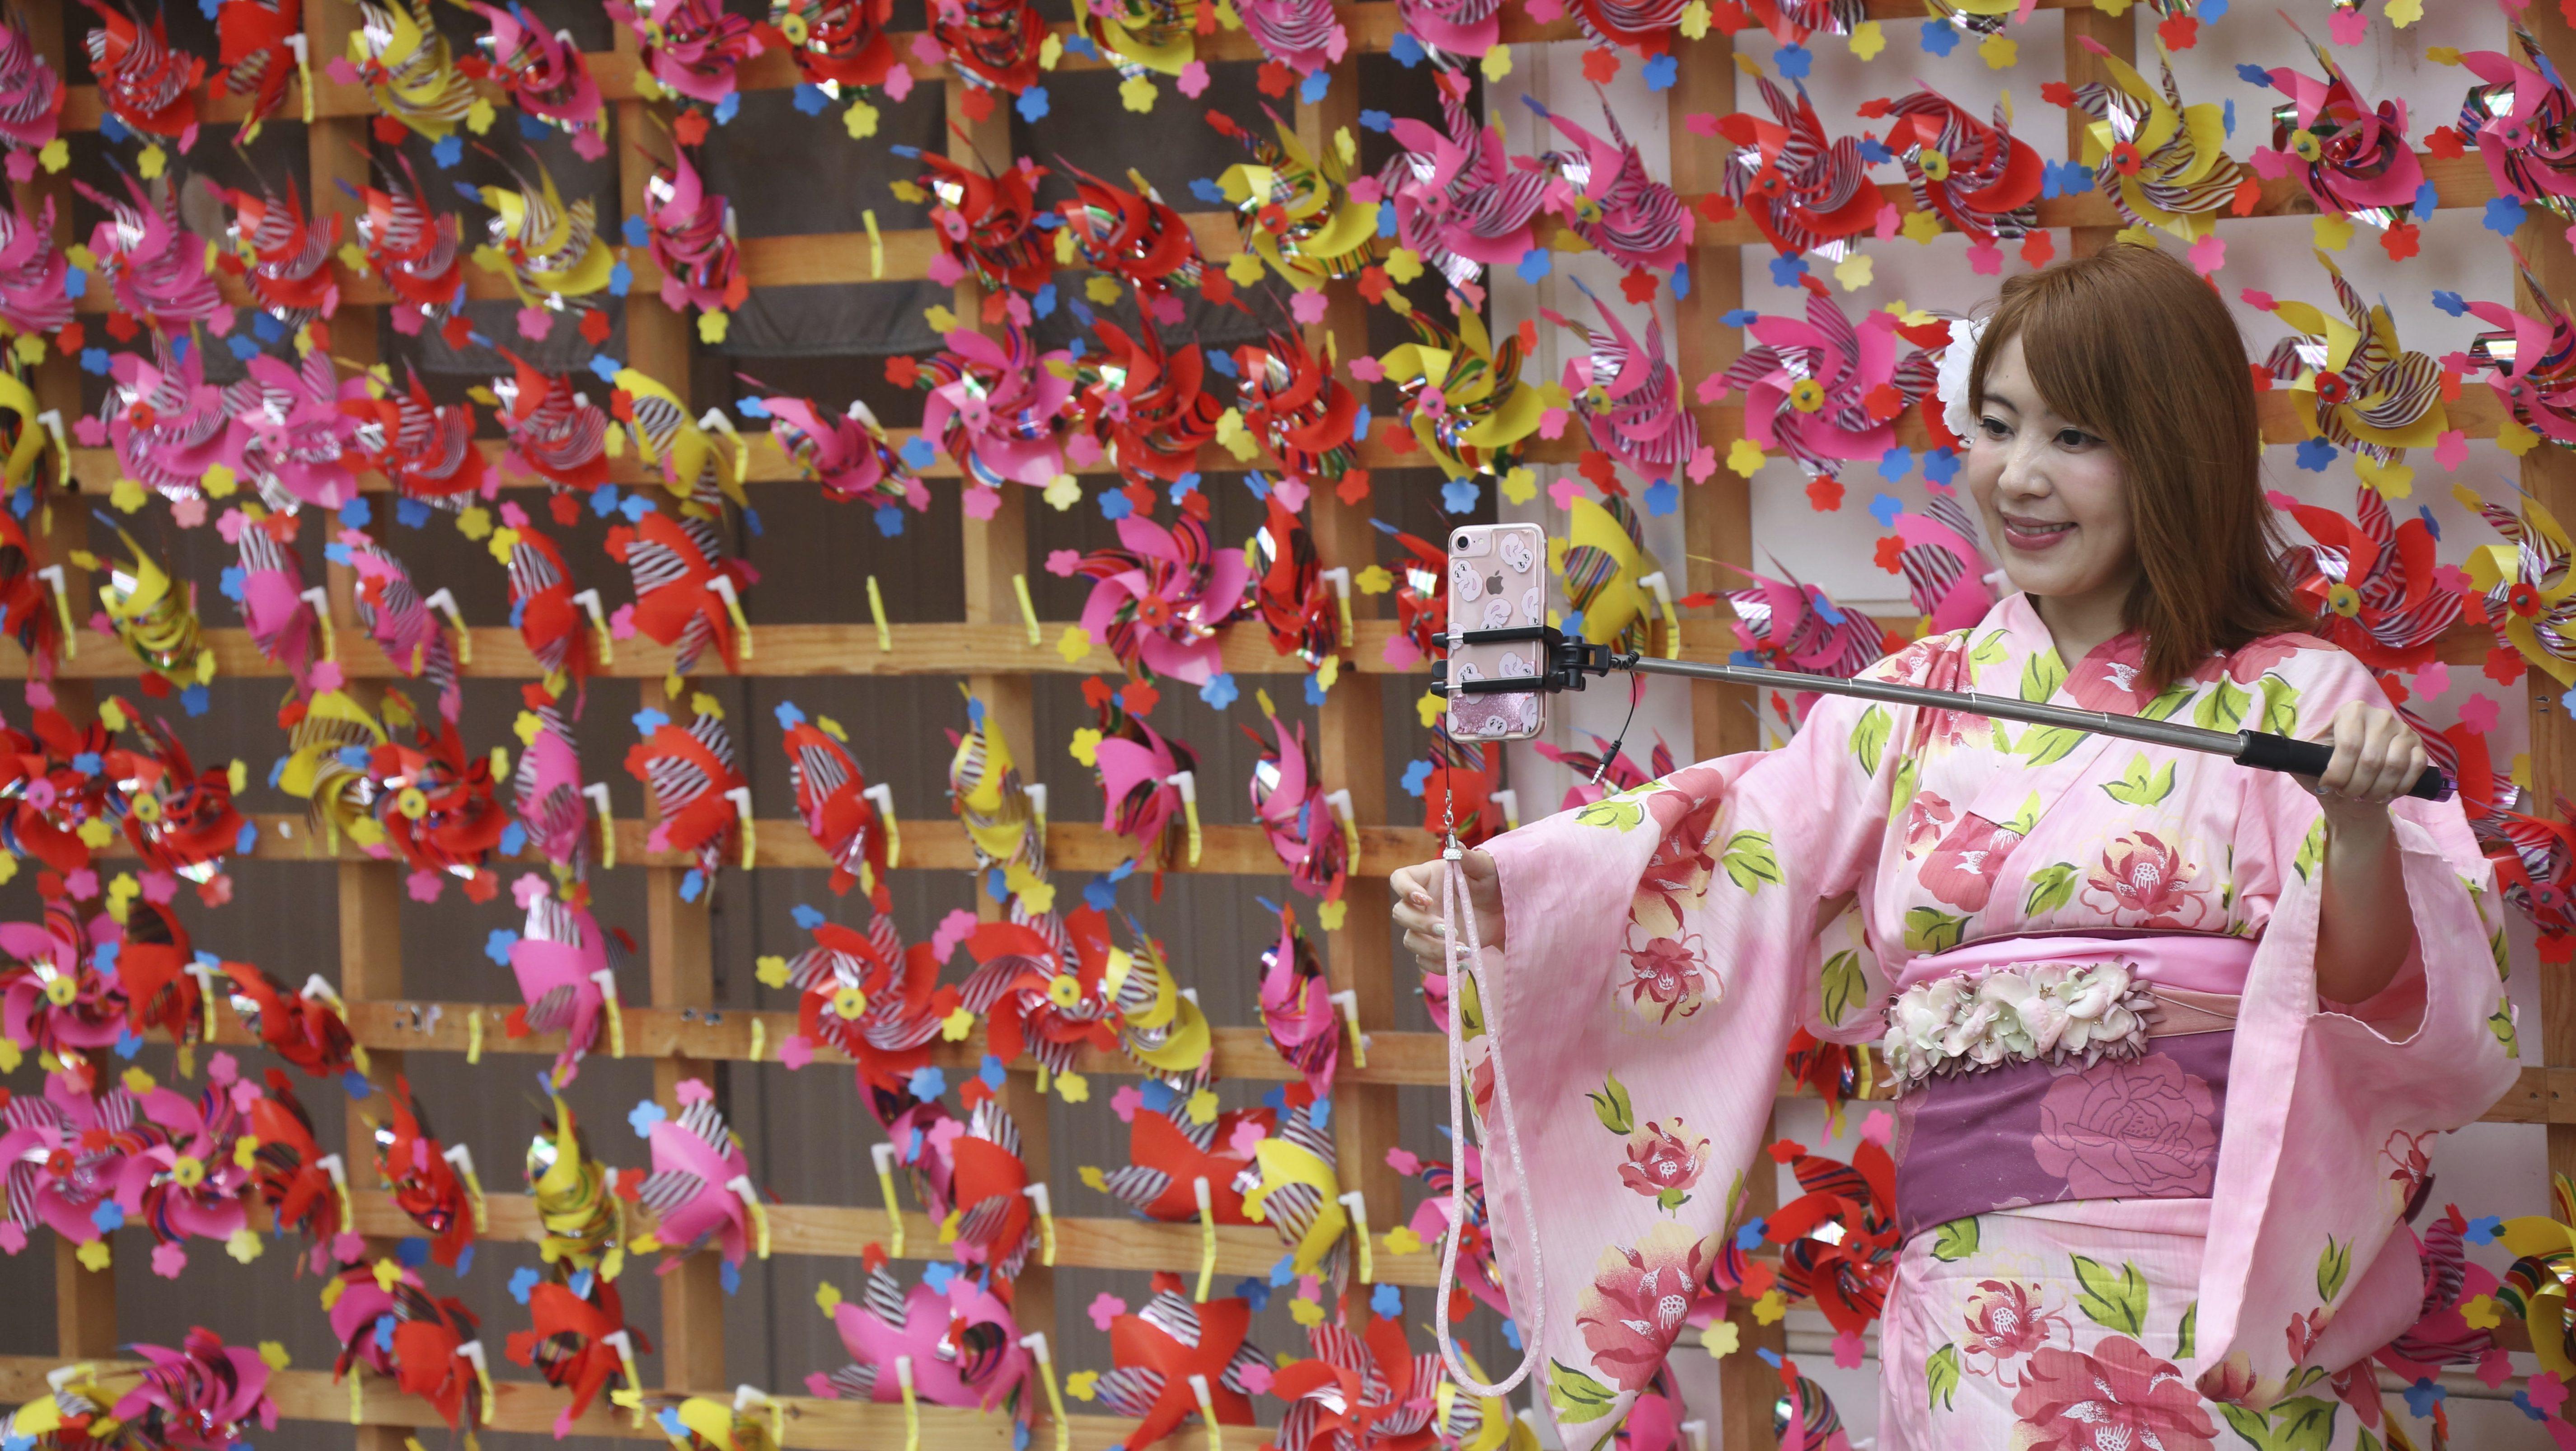 """A tourist clad in traditional Japanese summer kimonos or """"yukata"""" takes a selfie with pinwheels at Asakusa district n Tokyo, Friday, Aug. 24, 2018. (AP Photo/Koji Sasahara)"""